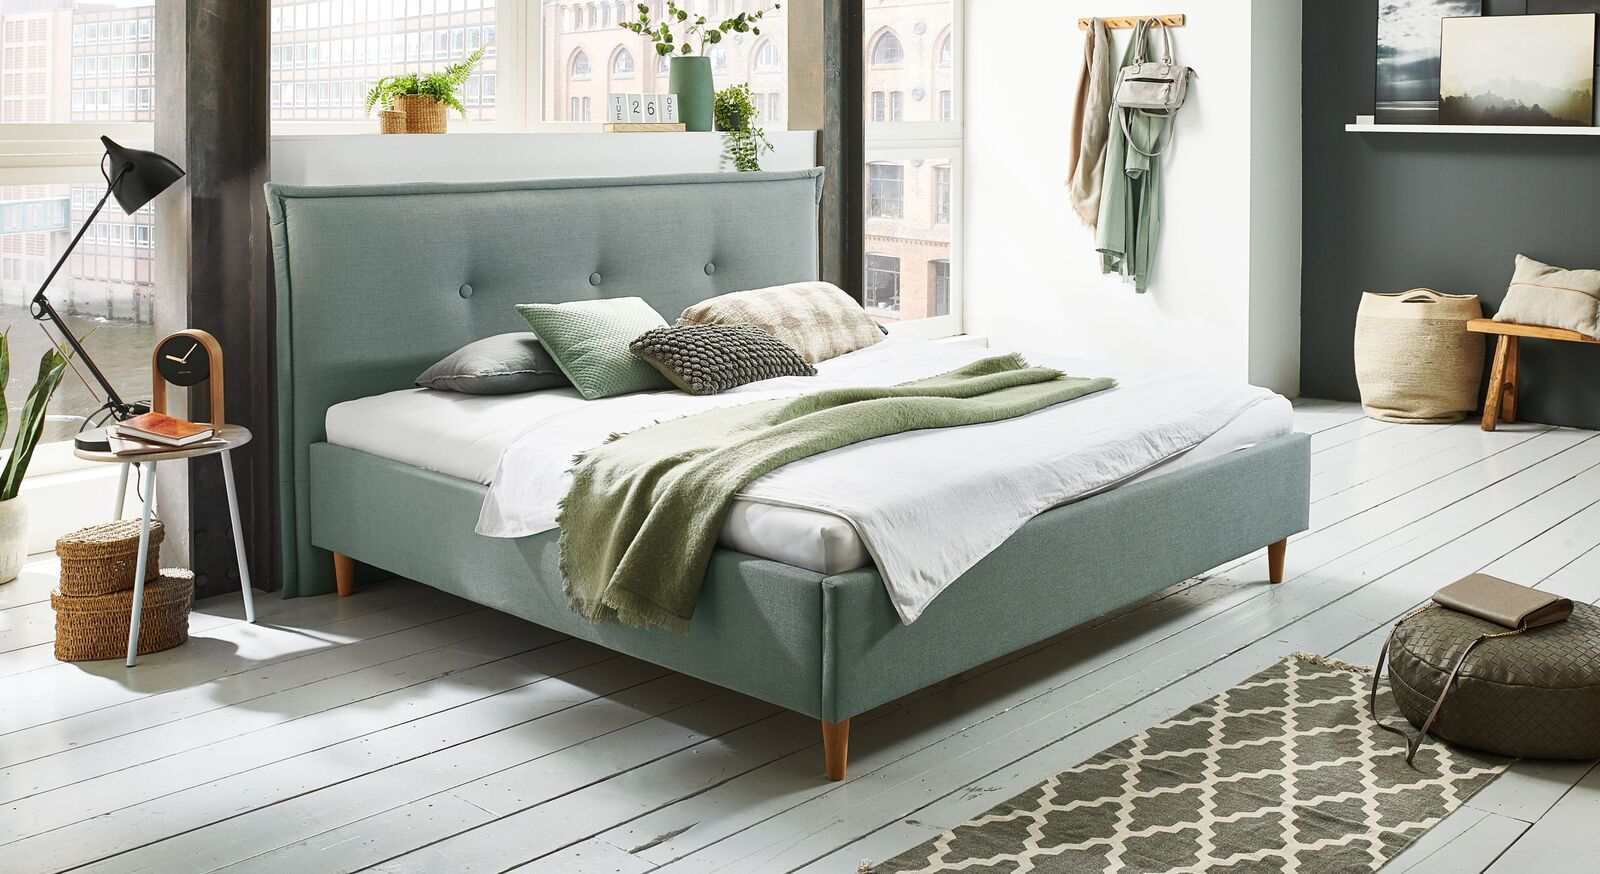 Bett Indore mit hochwertigem Webstoff in Blaugrün